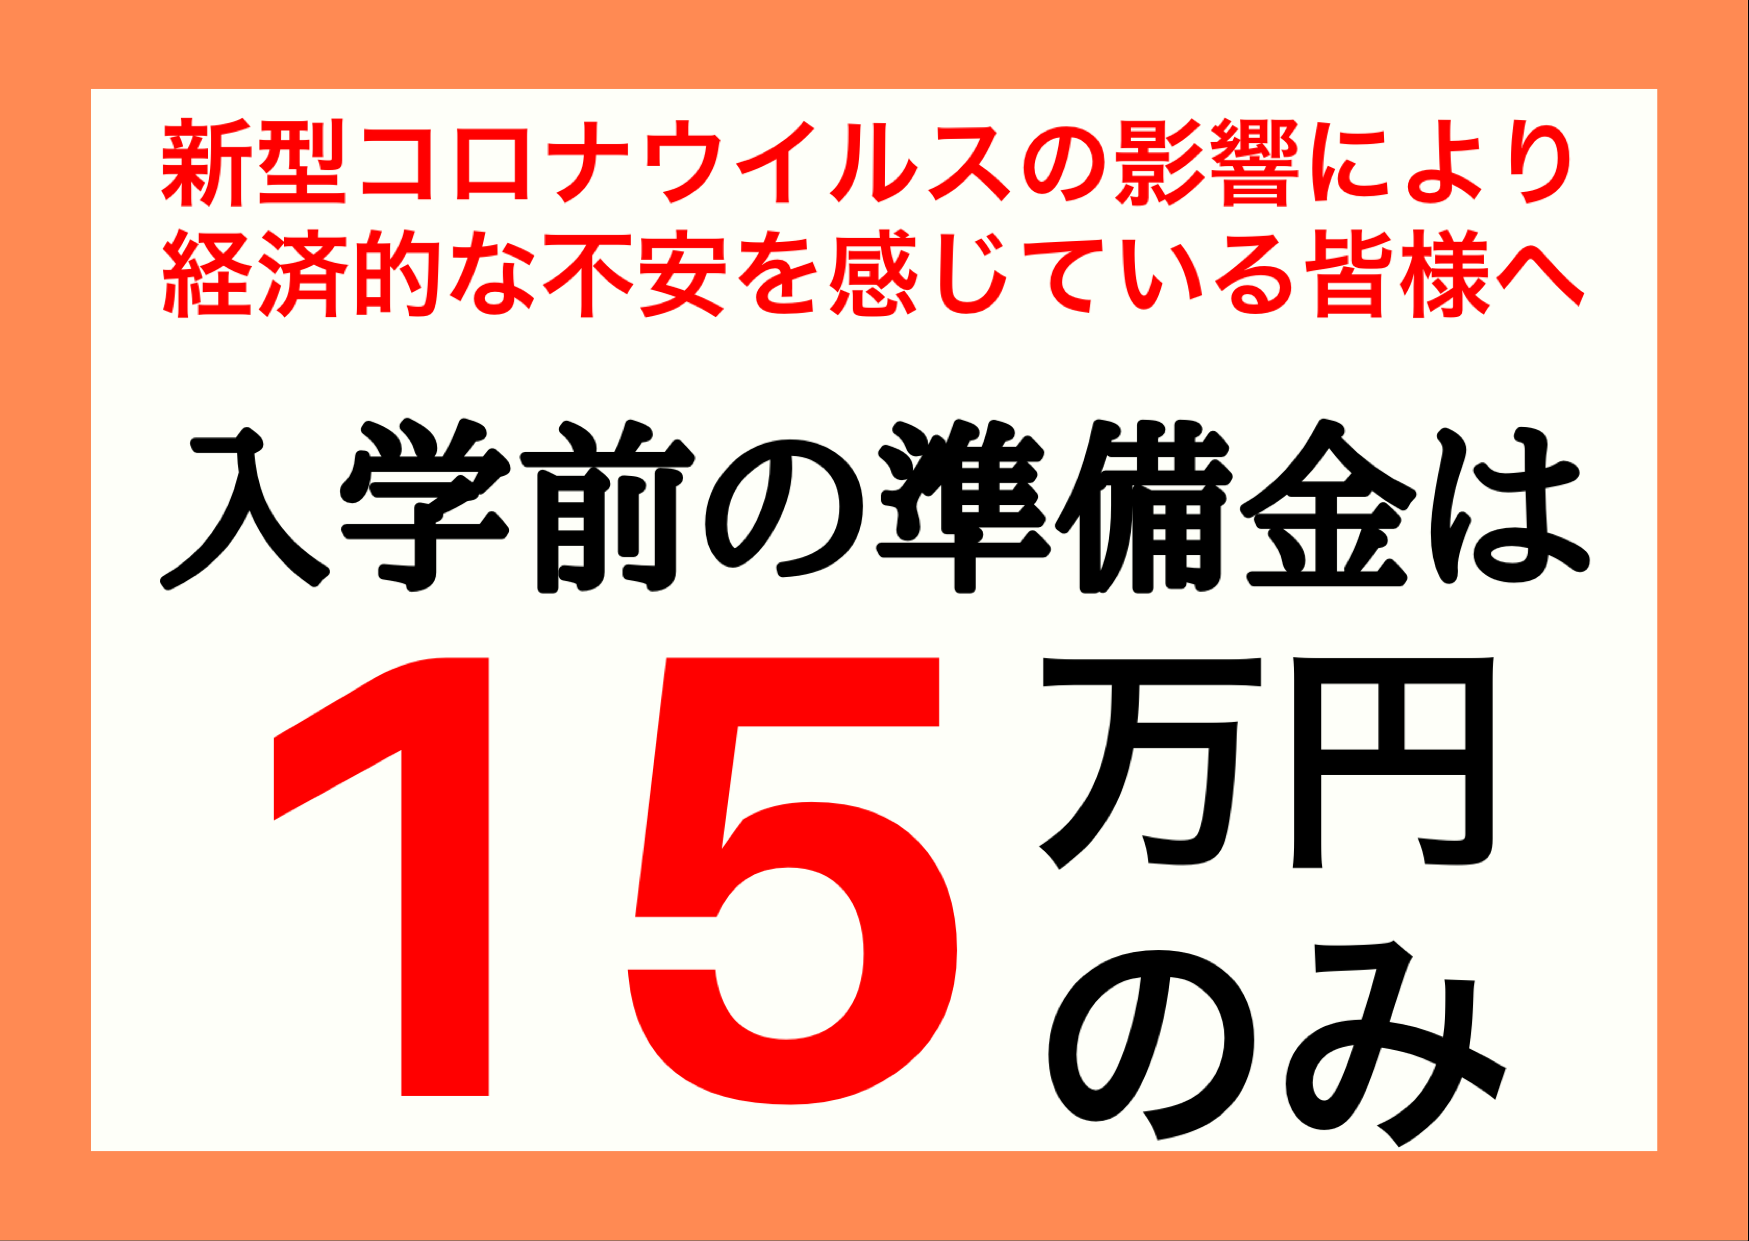 【学納金延納支援制度】入学前の準備金は15万円のみ!